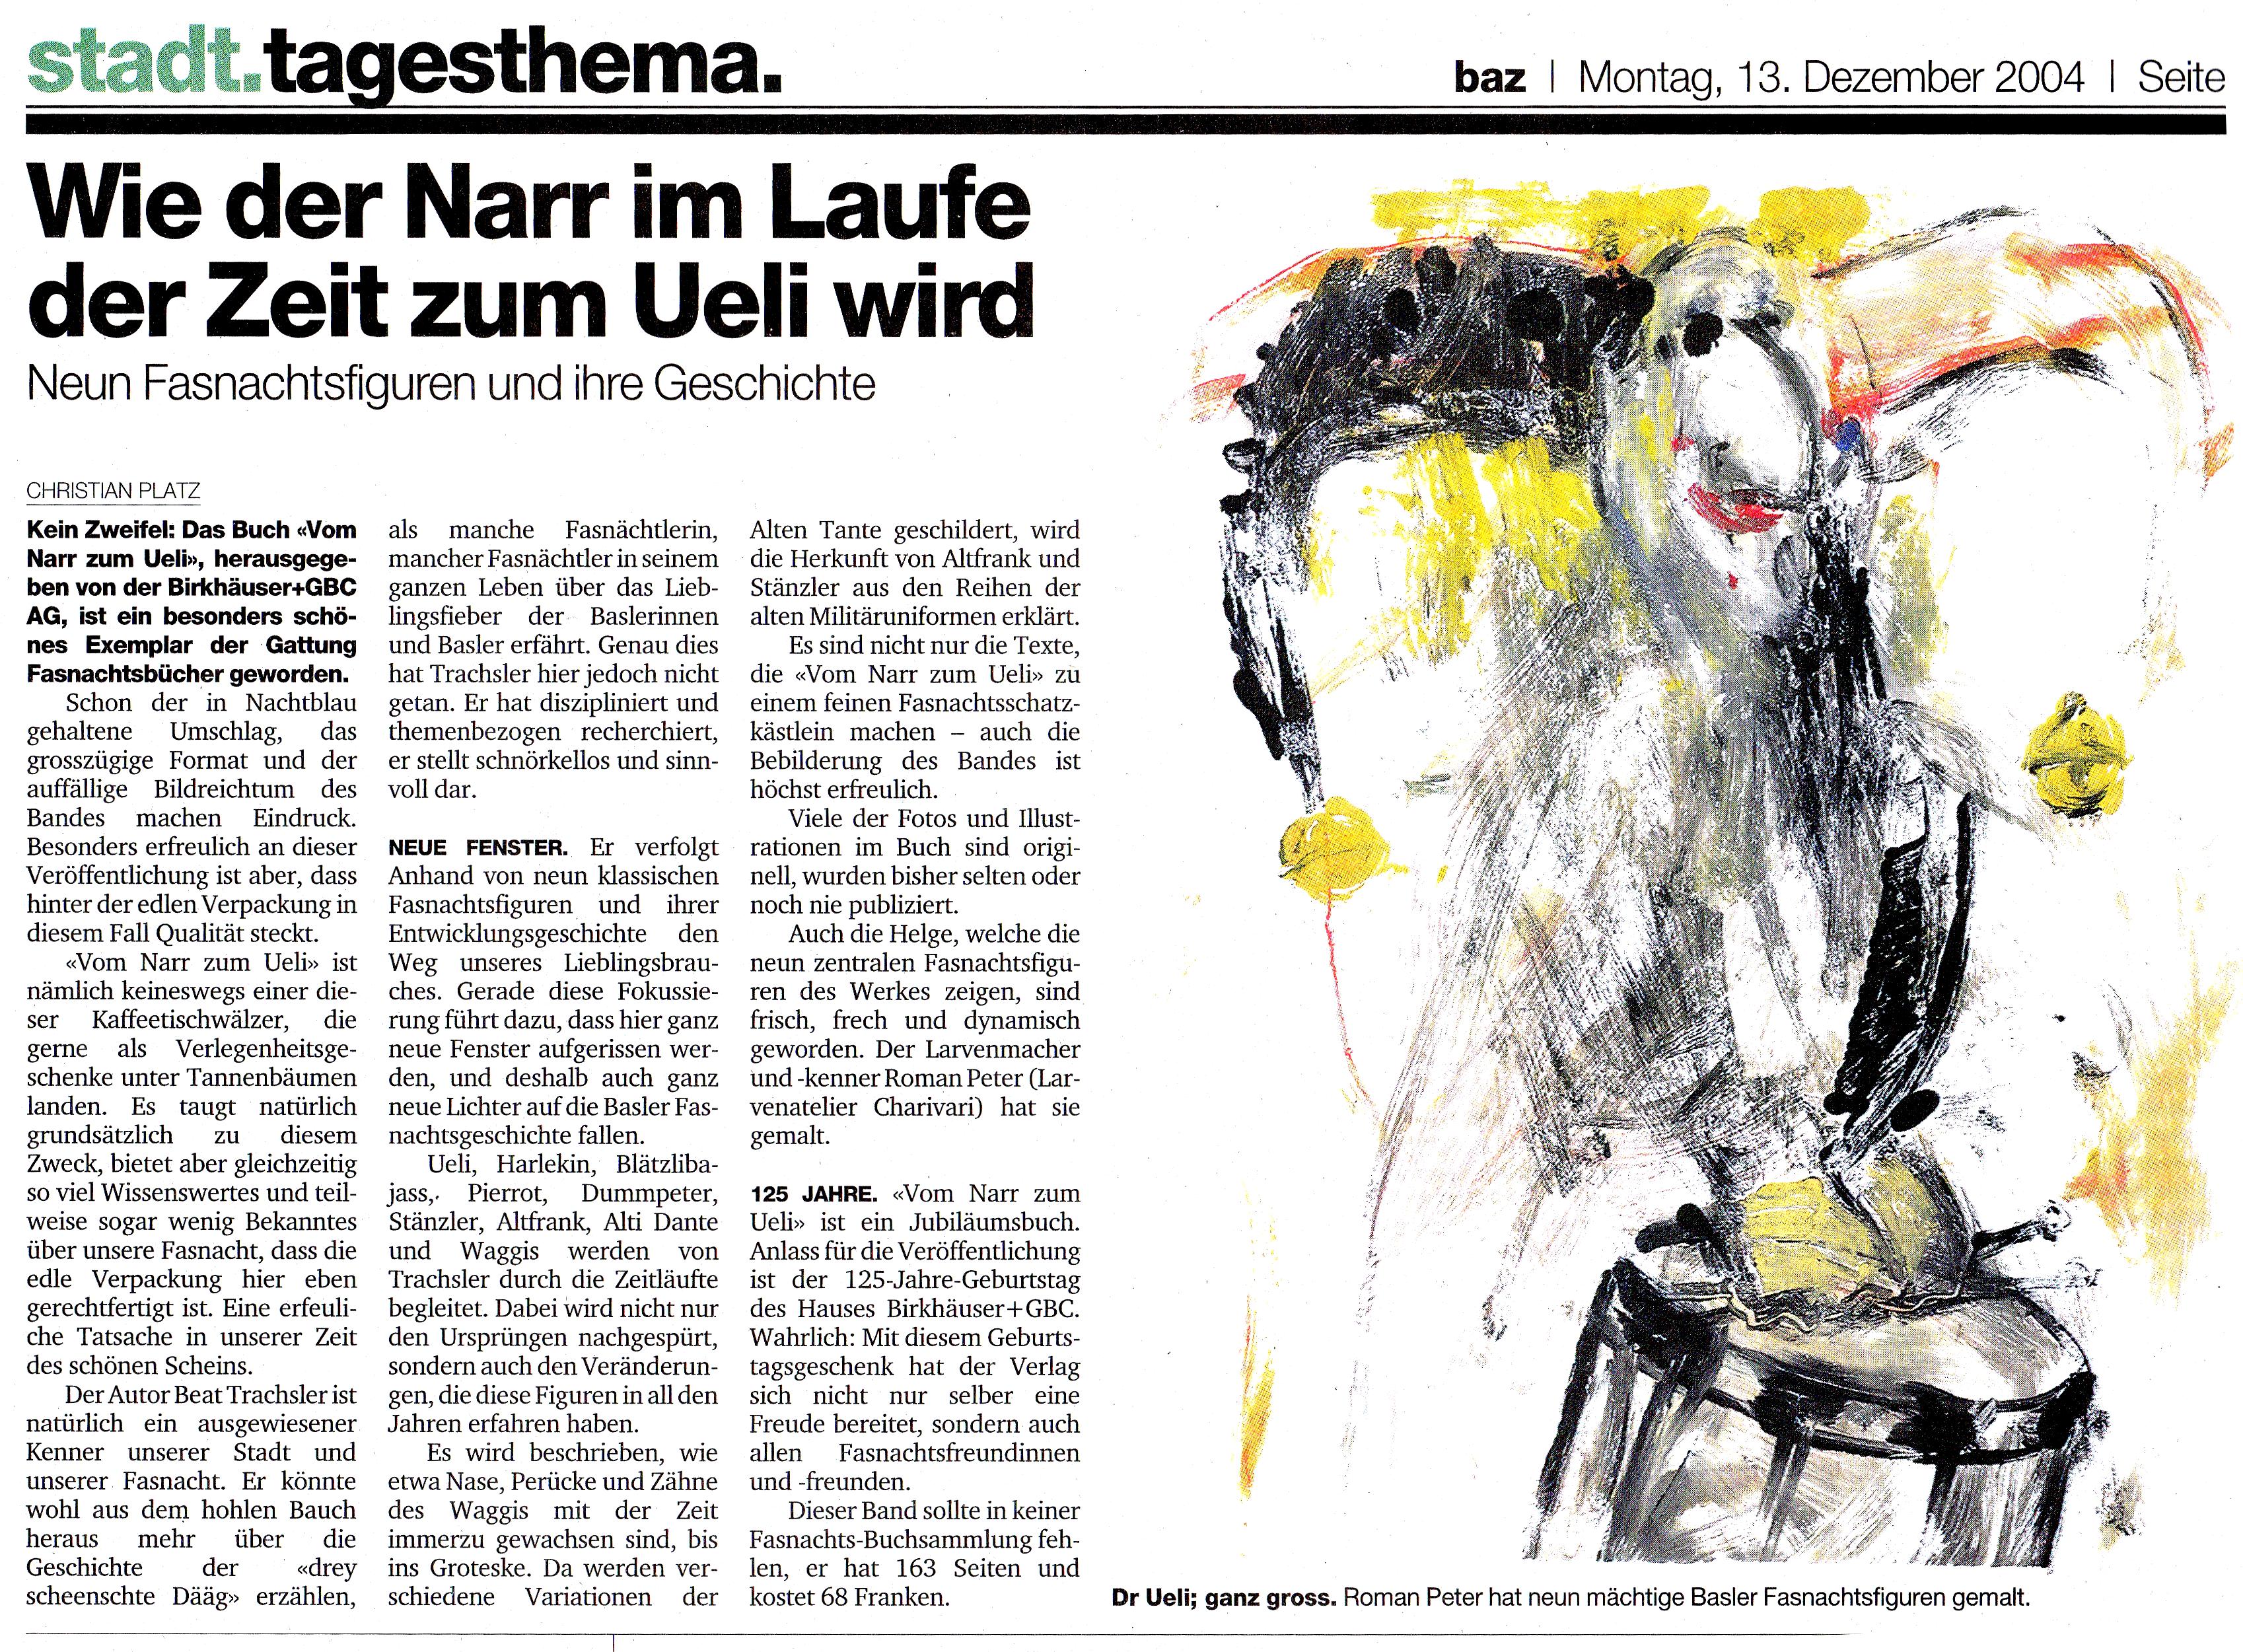 Dezember 2004, Basler Zeitung